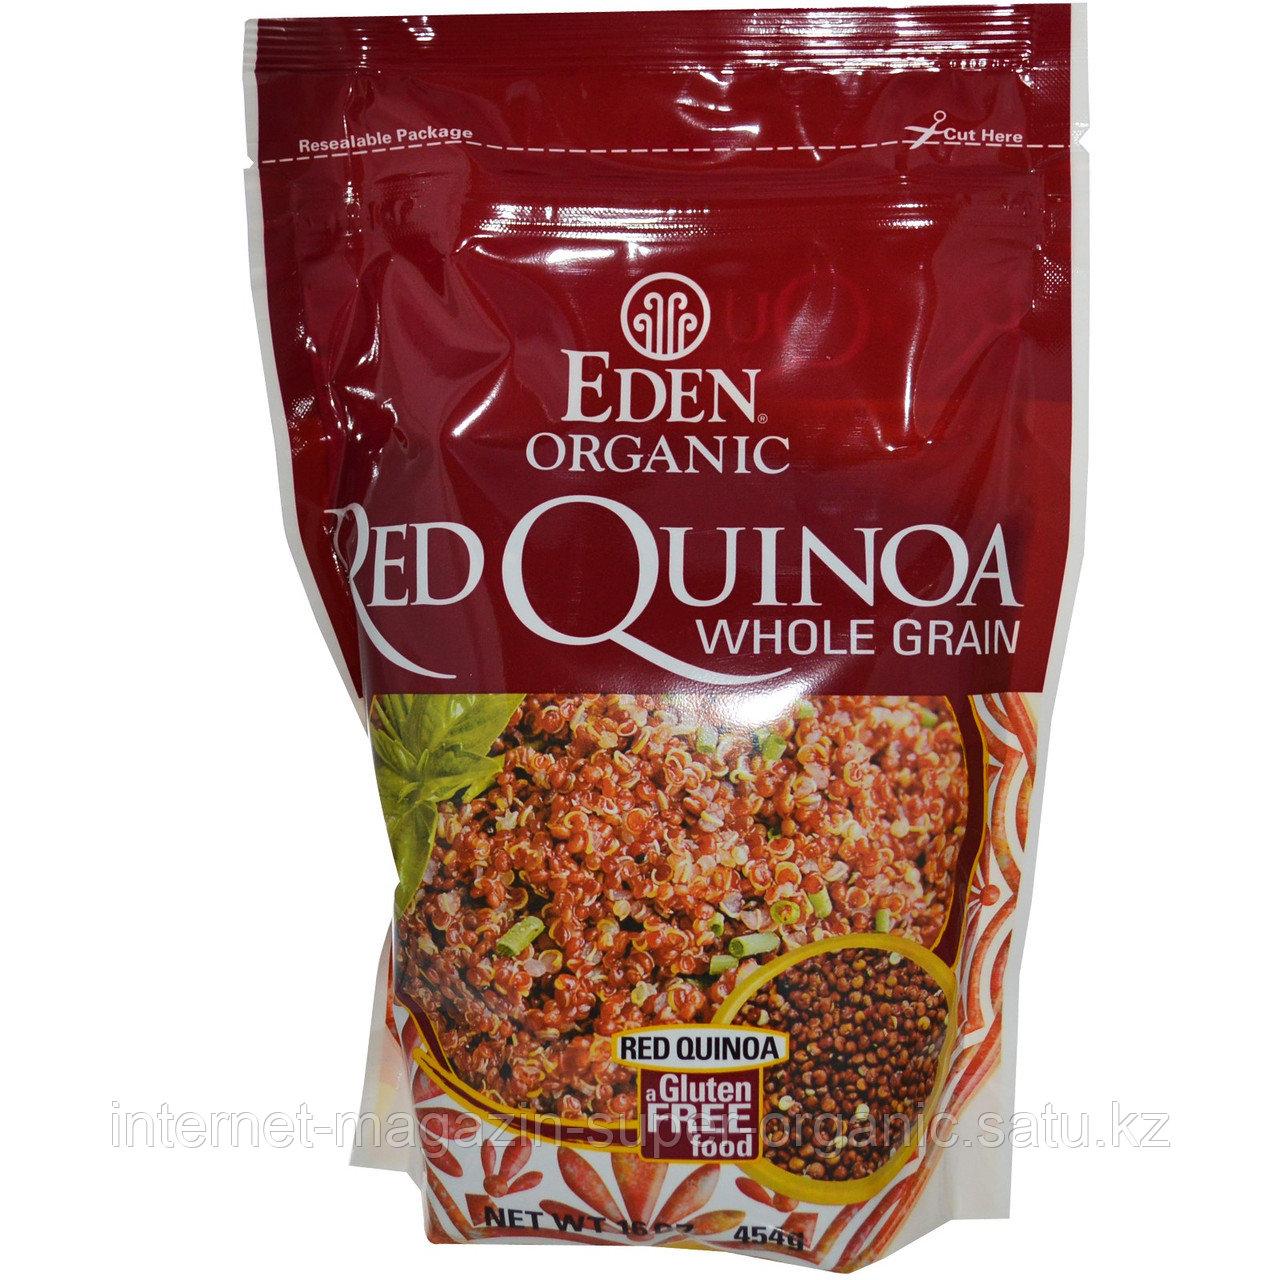 Квиноа (кинва, киноа, лебеда) красная органическая, в зернах (Red Quinoa, whole grain), 454 г, Eden Foods